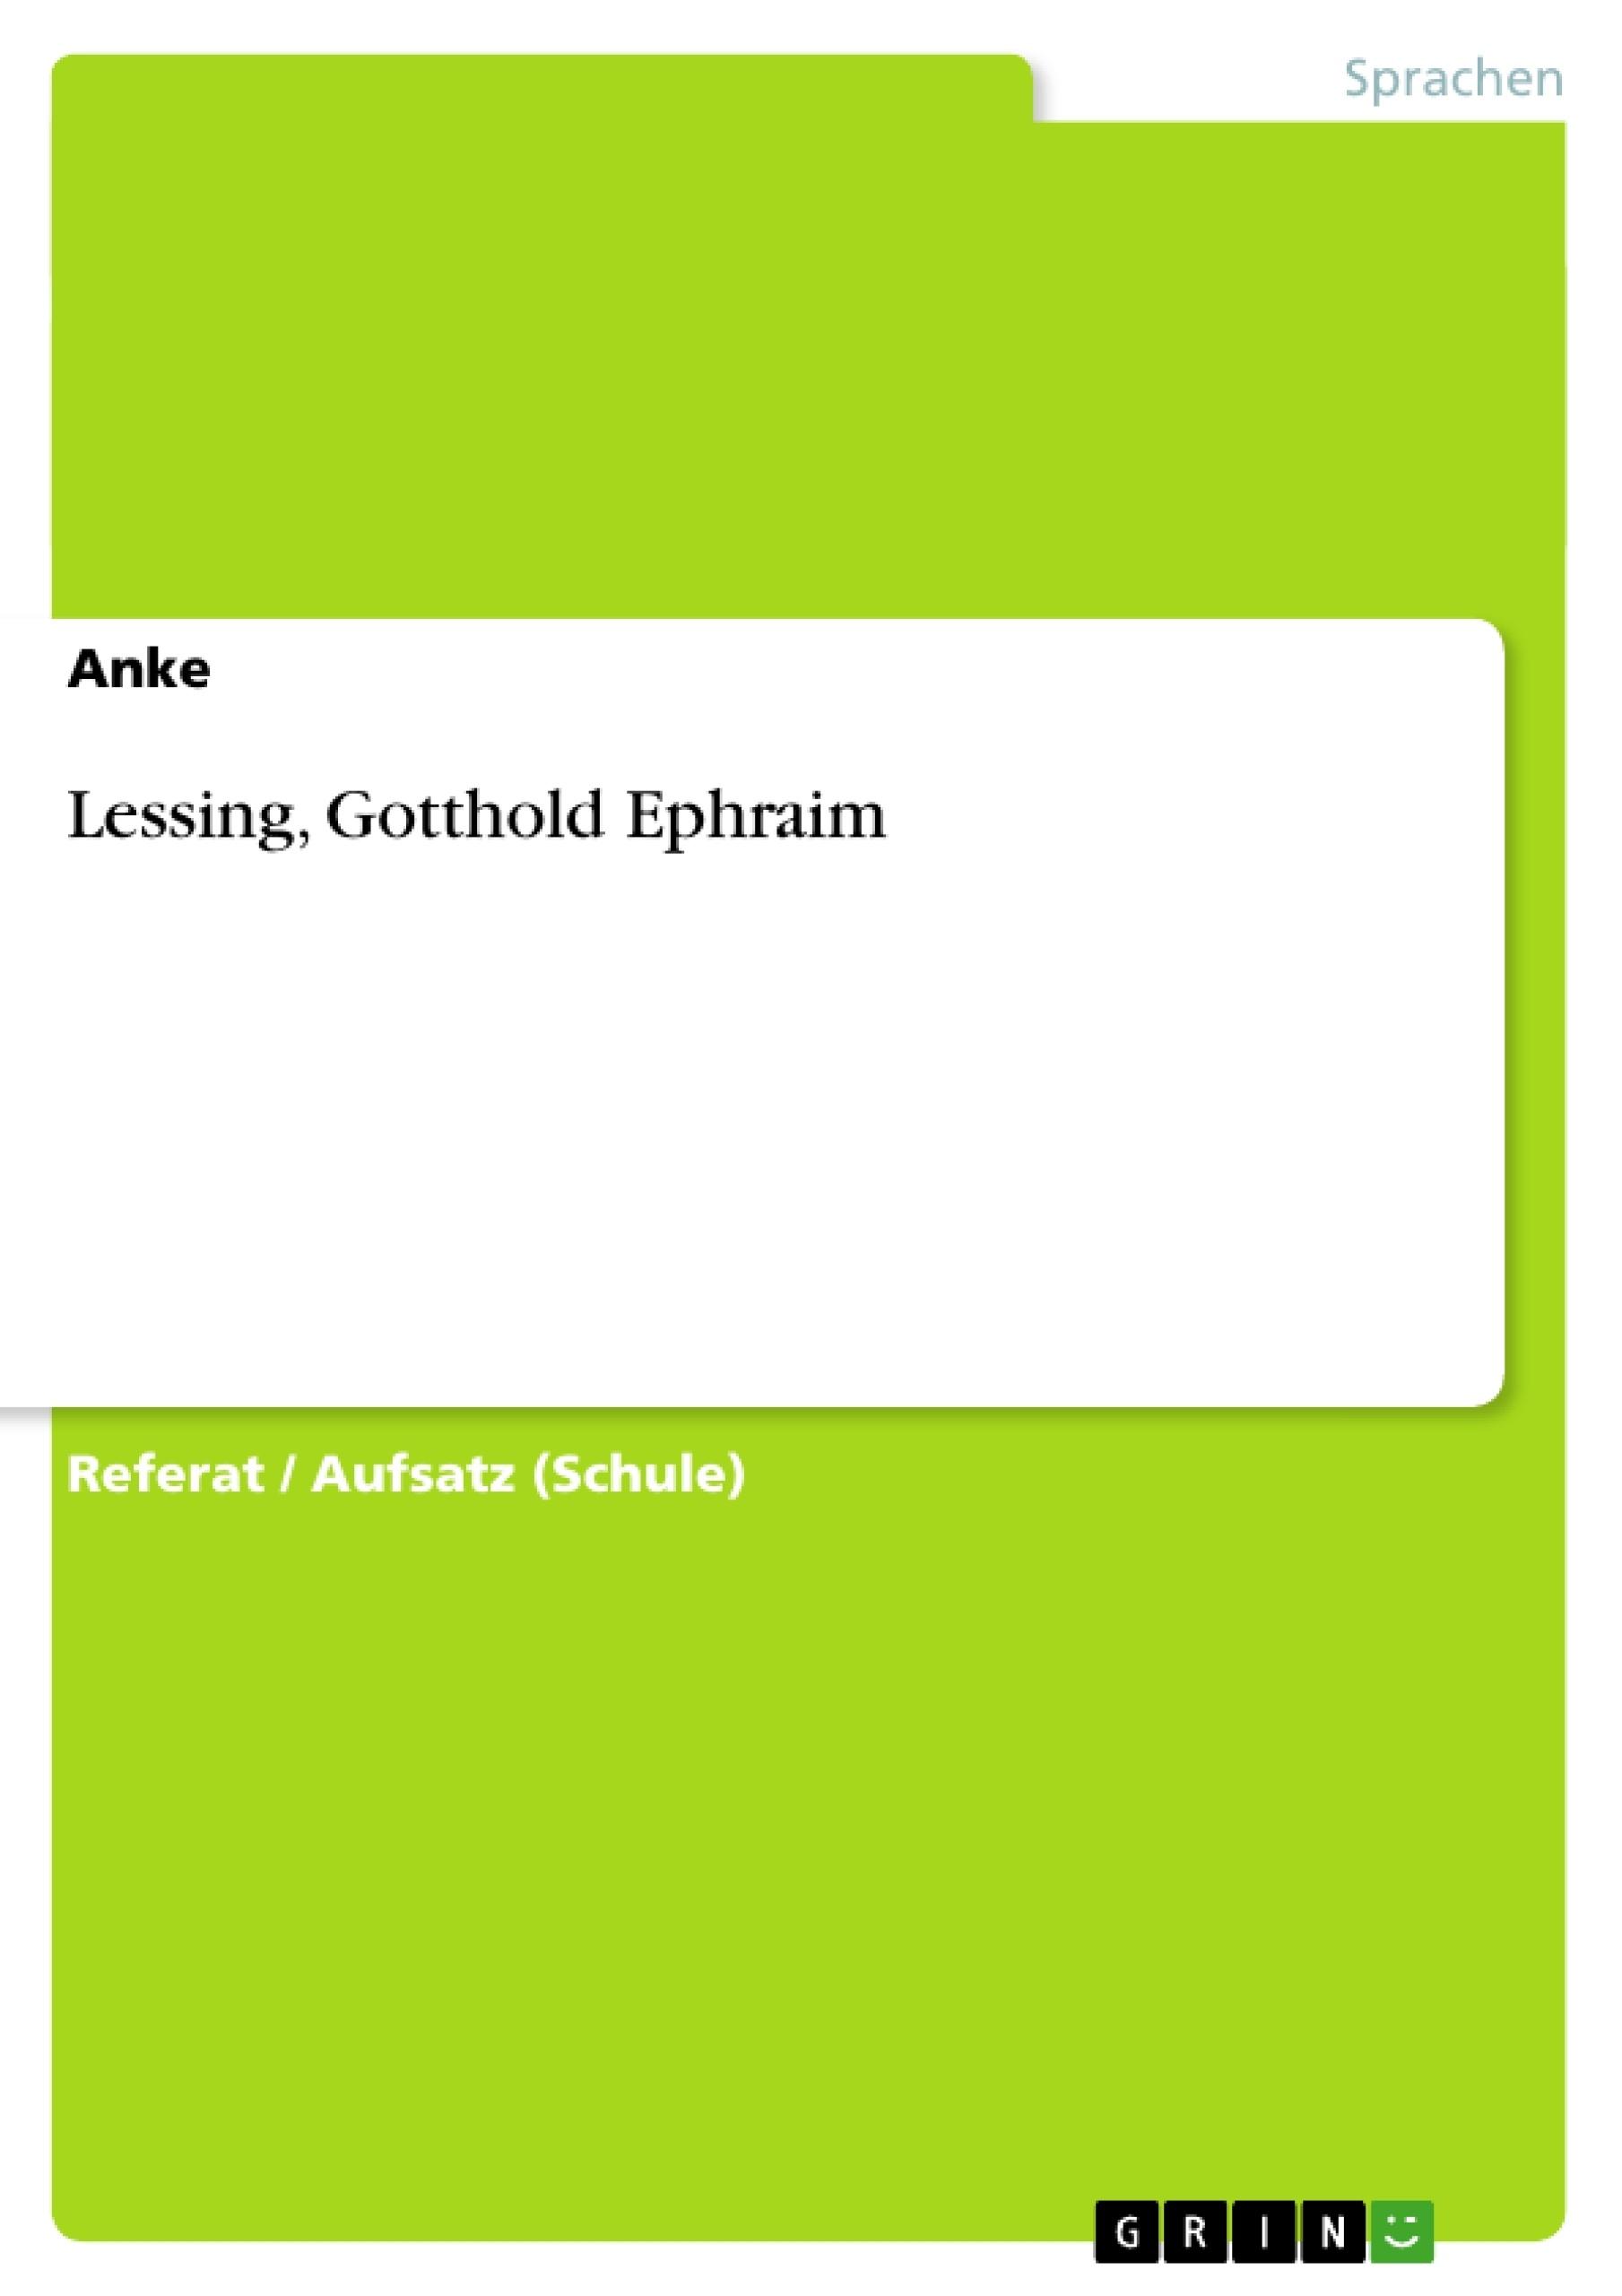 Gotthold Ephraim Lessing Wikipedia 6 11